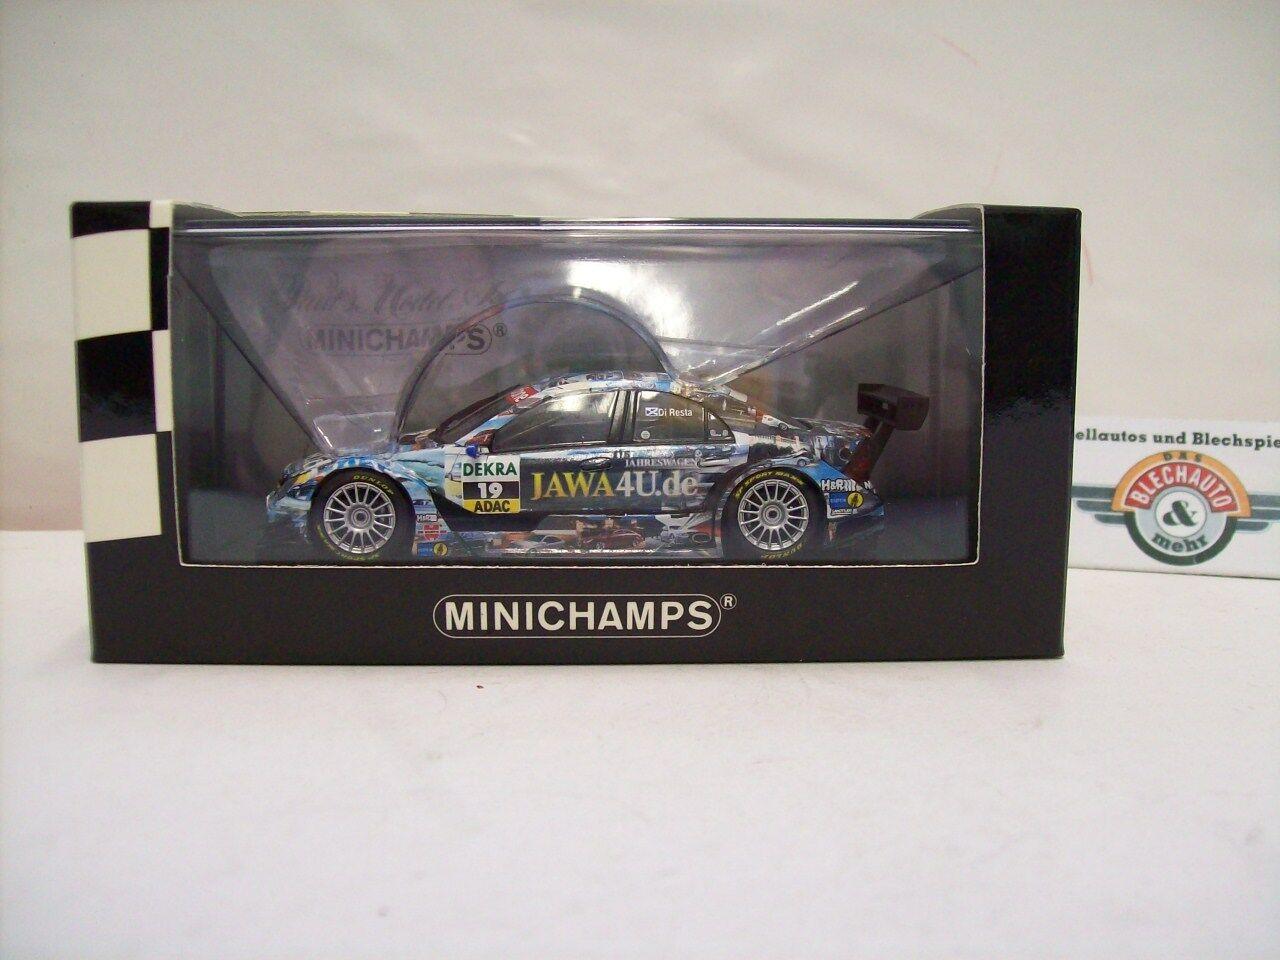 cómodamente Mercedes-benz Mercedes-benz Mercedes-benz c-class  19  p. di resta  DTM 2007, Minichamps 1 43, embalaje original  la calidad primero los consumidores primero